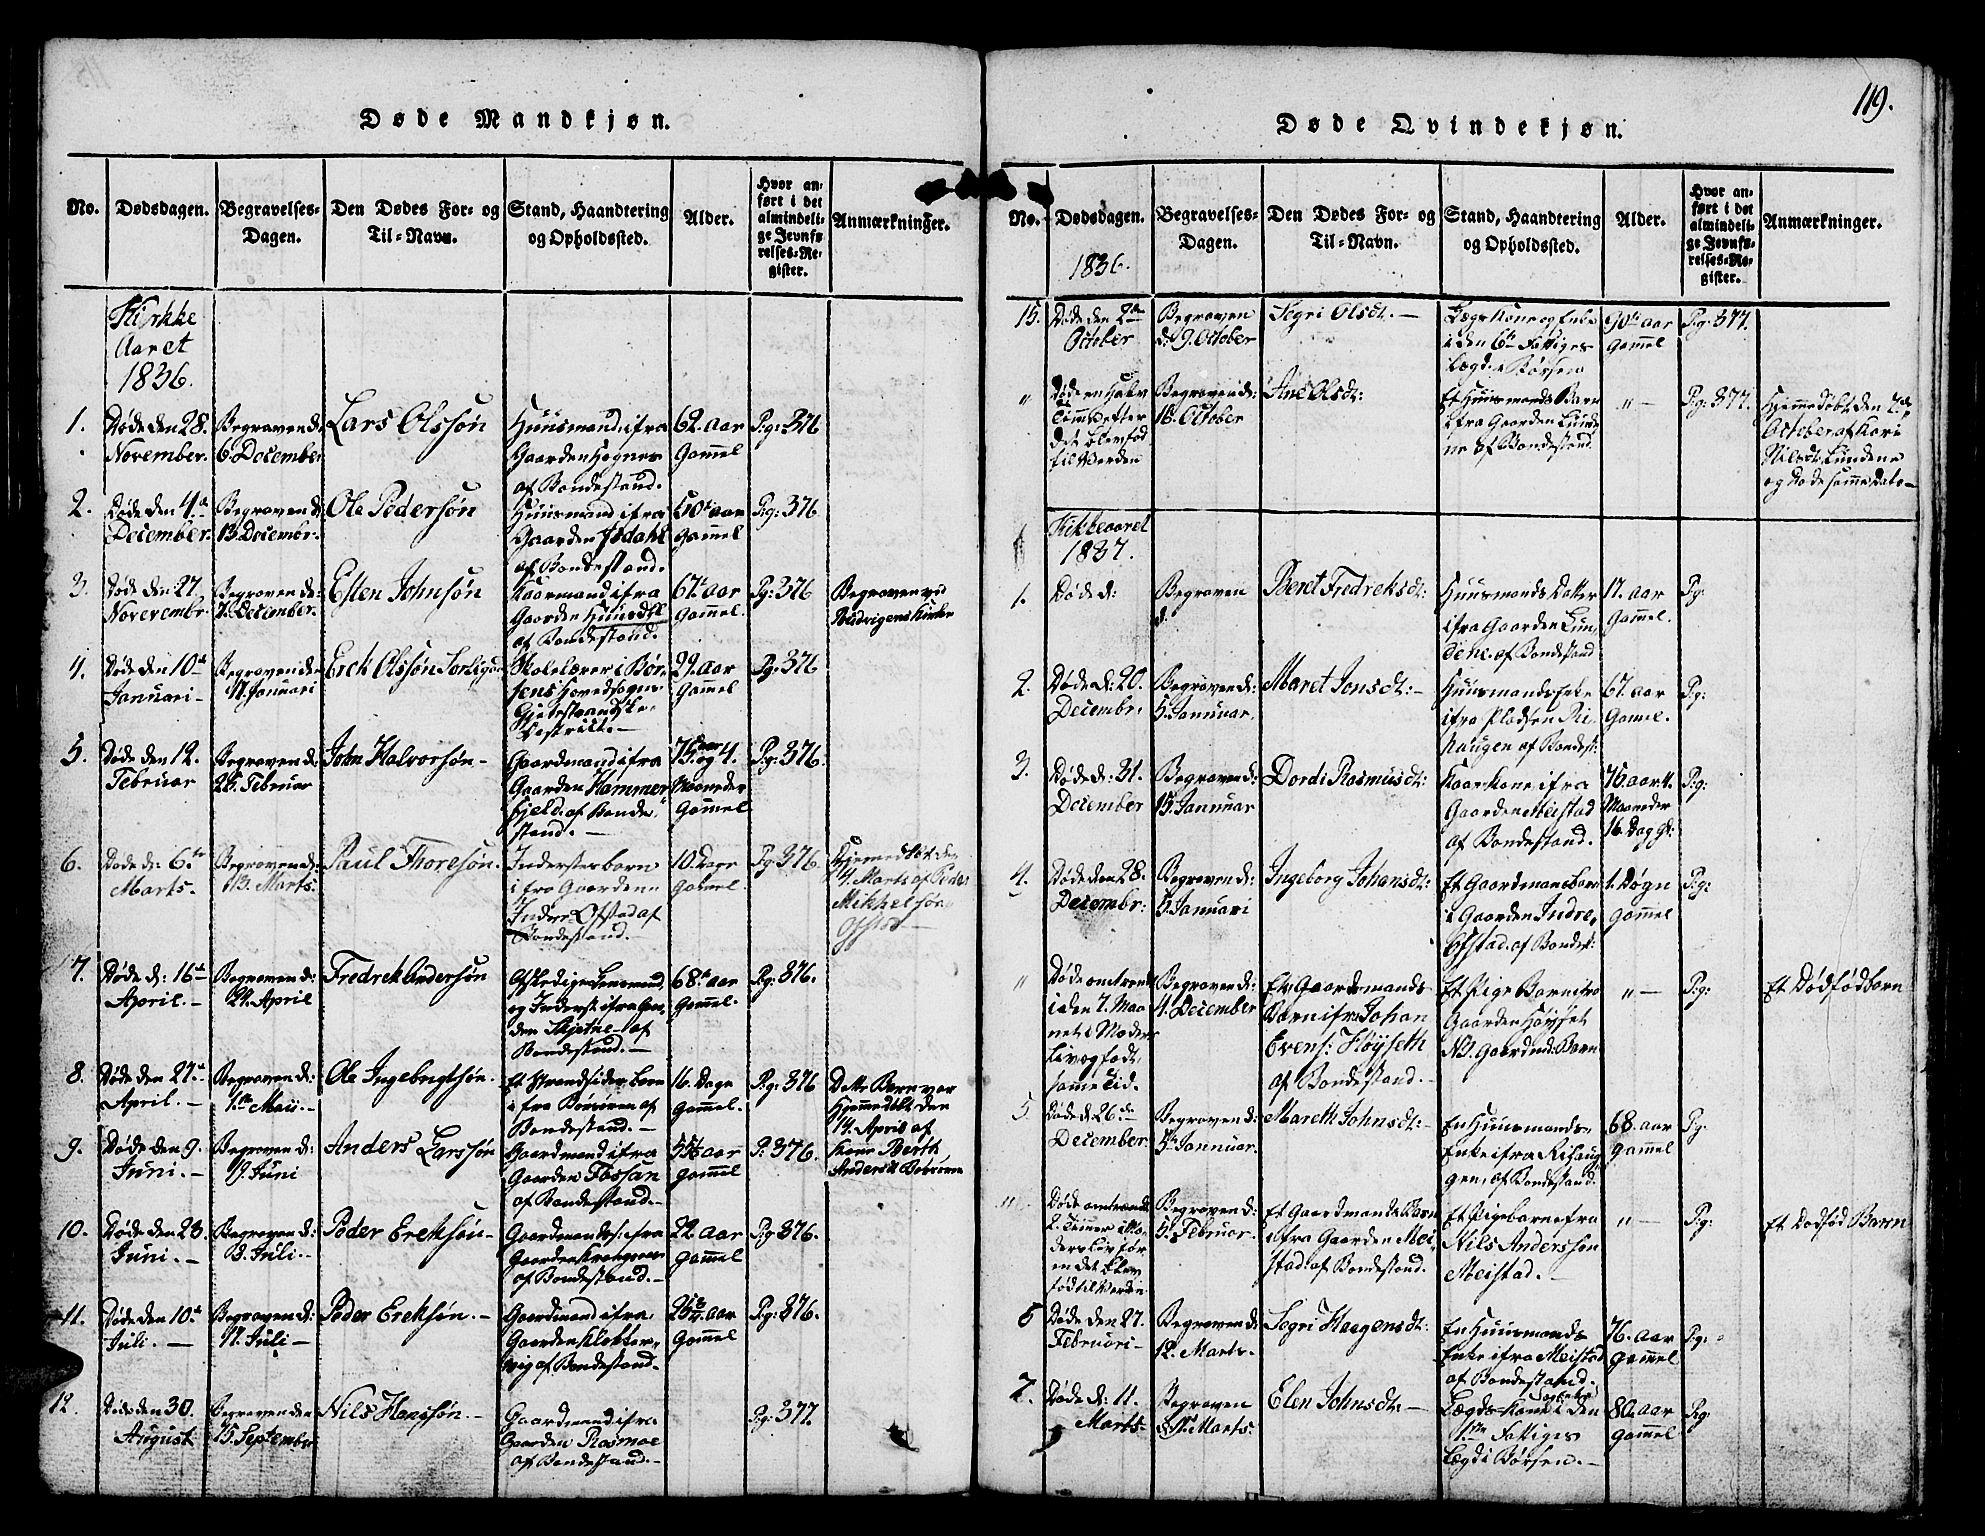 SAT, Ministerialprotokoller, klokkerbøker og fødselsregistre - Sør-Trøndelag, 665/L0776: Klokkerbok nr. 665C01, 1817-1837, s. 119